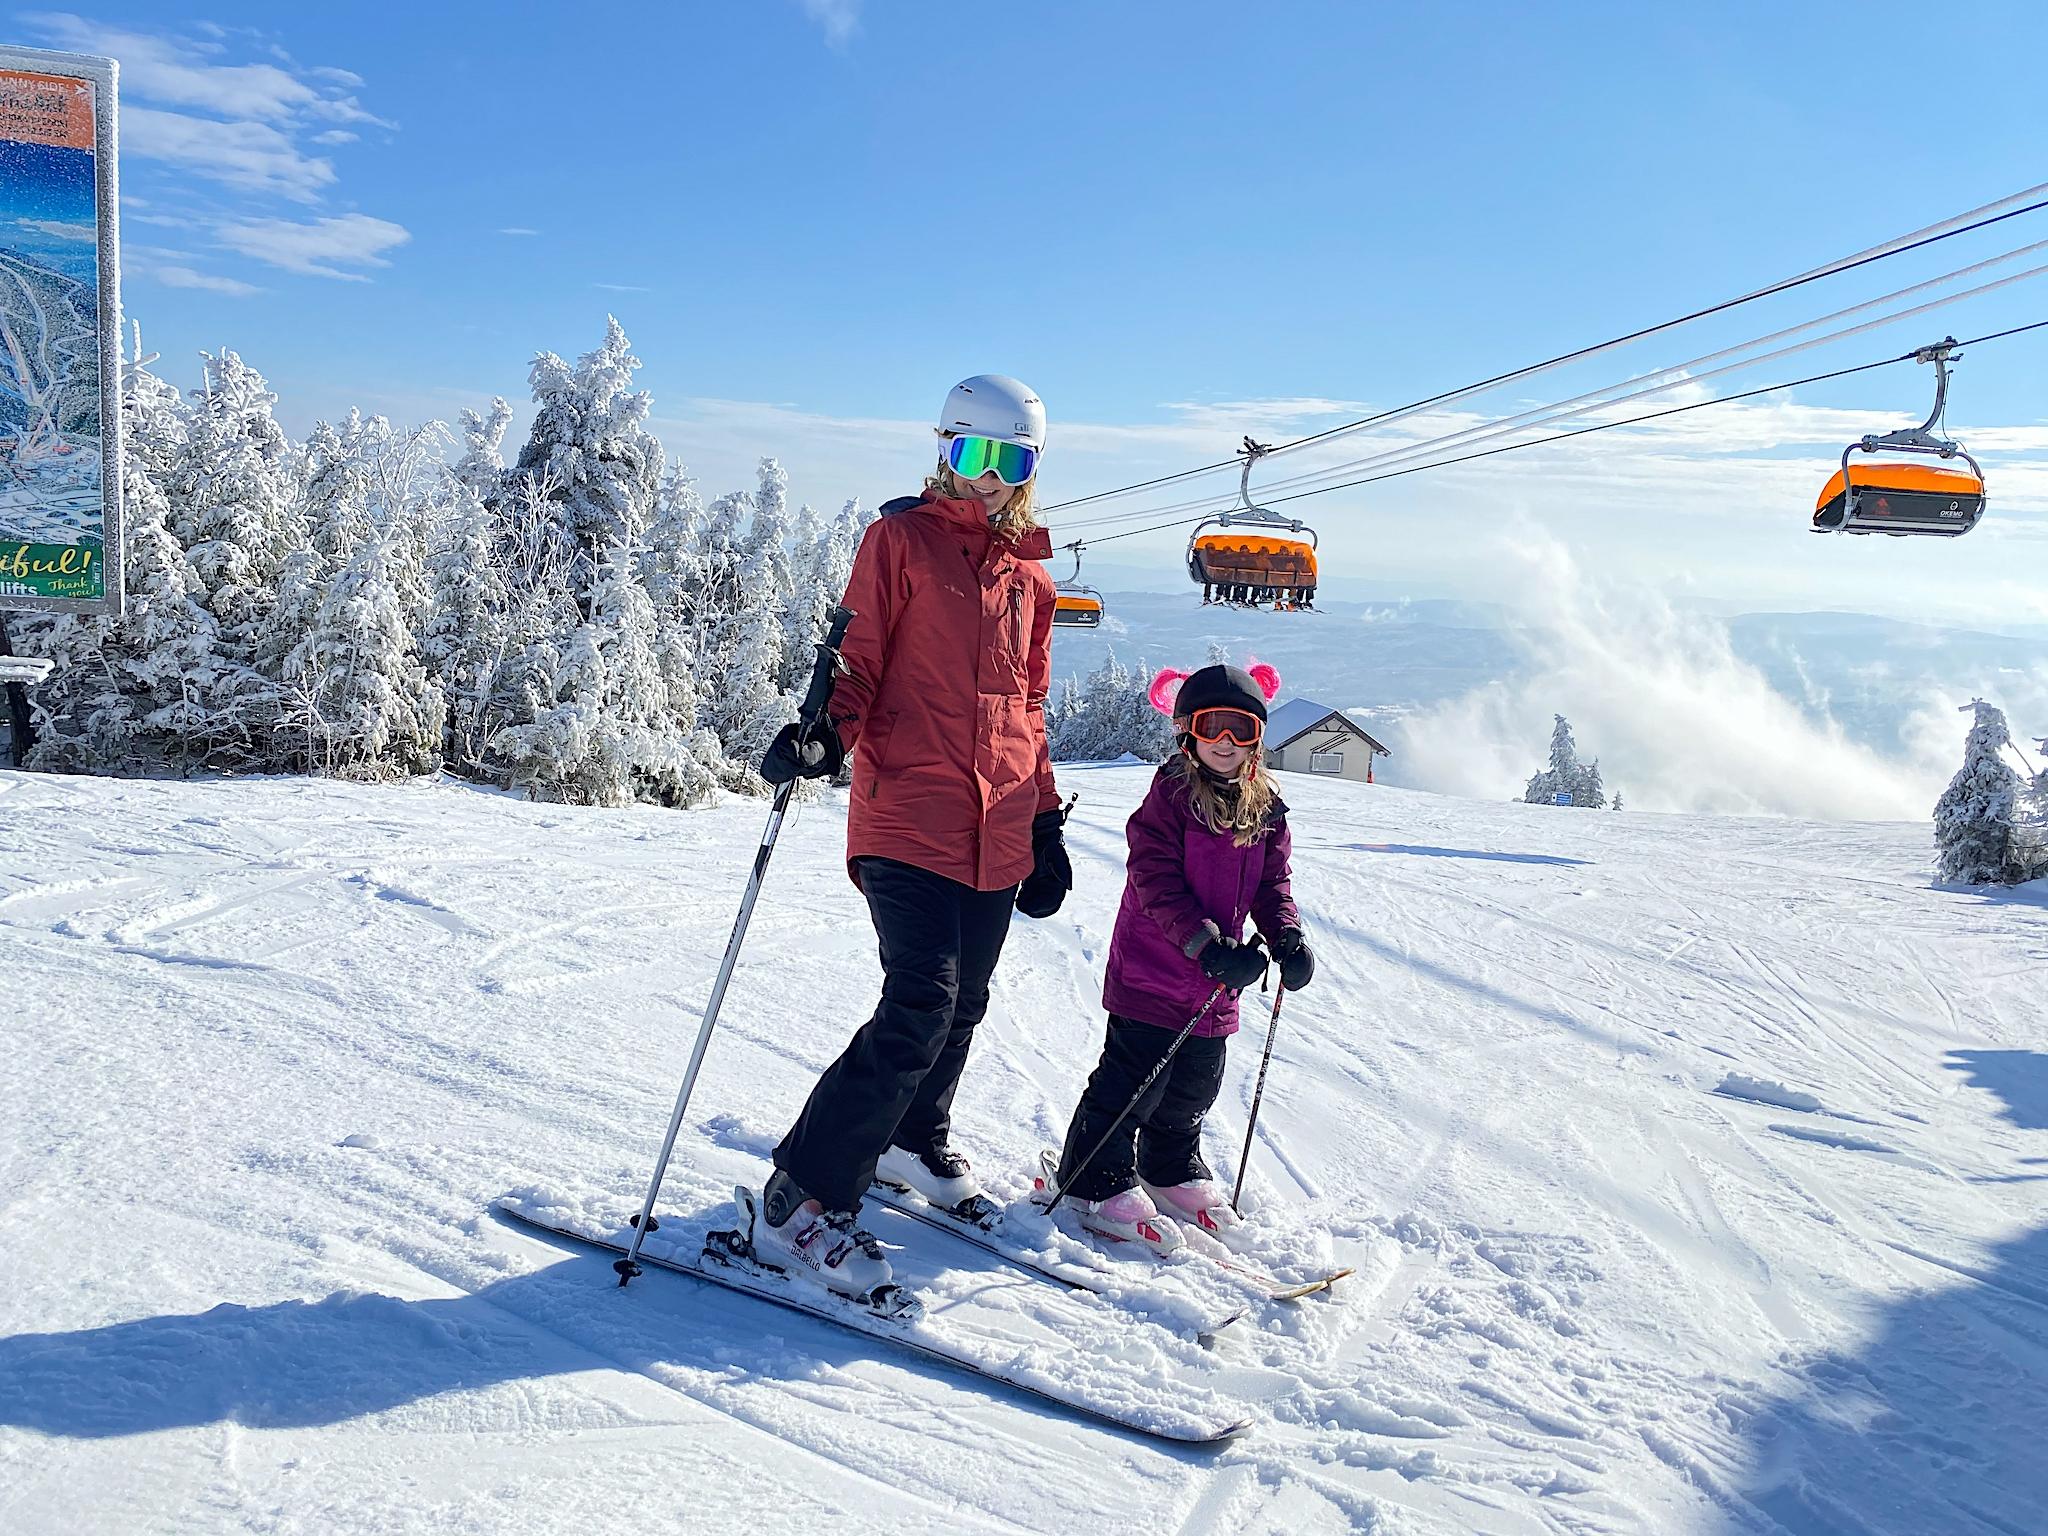 okemo resort ski